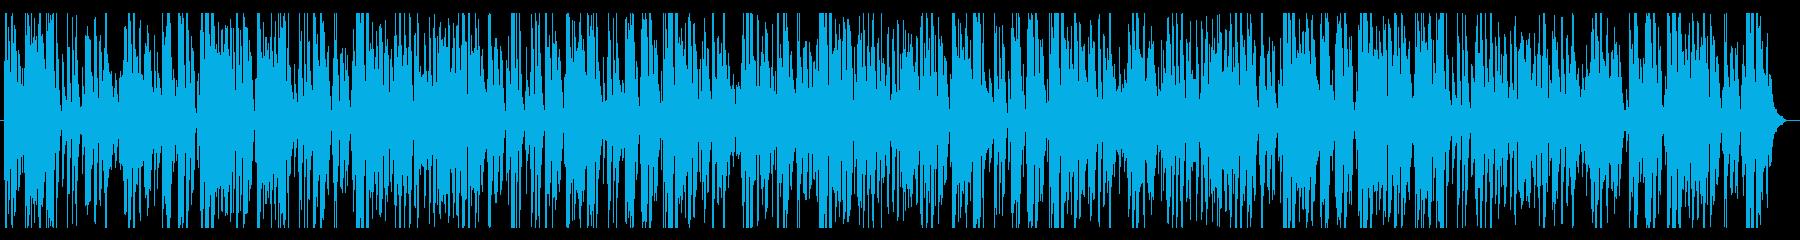 カフェ・ジャズピアノ爽やかスタイリッシュの再生済みの波形